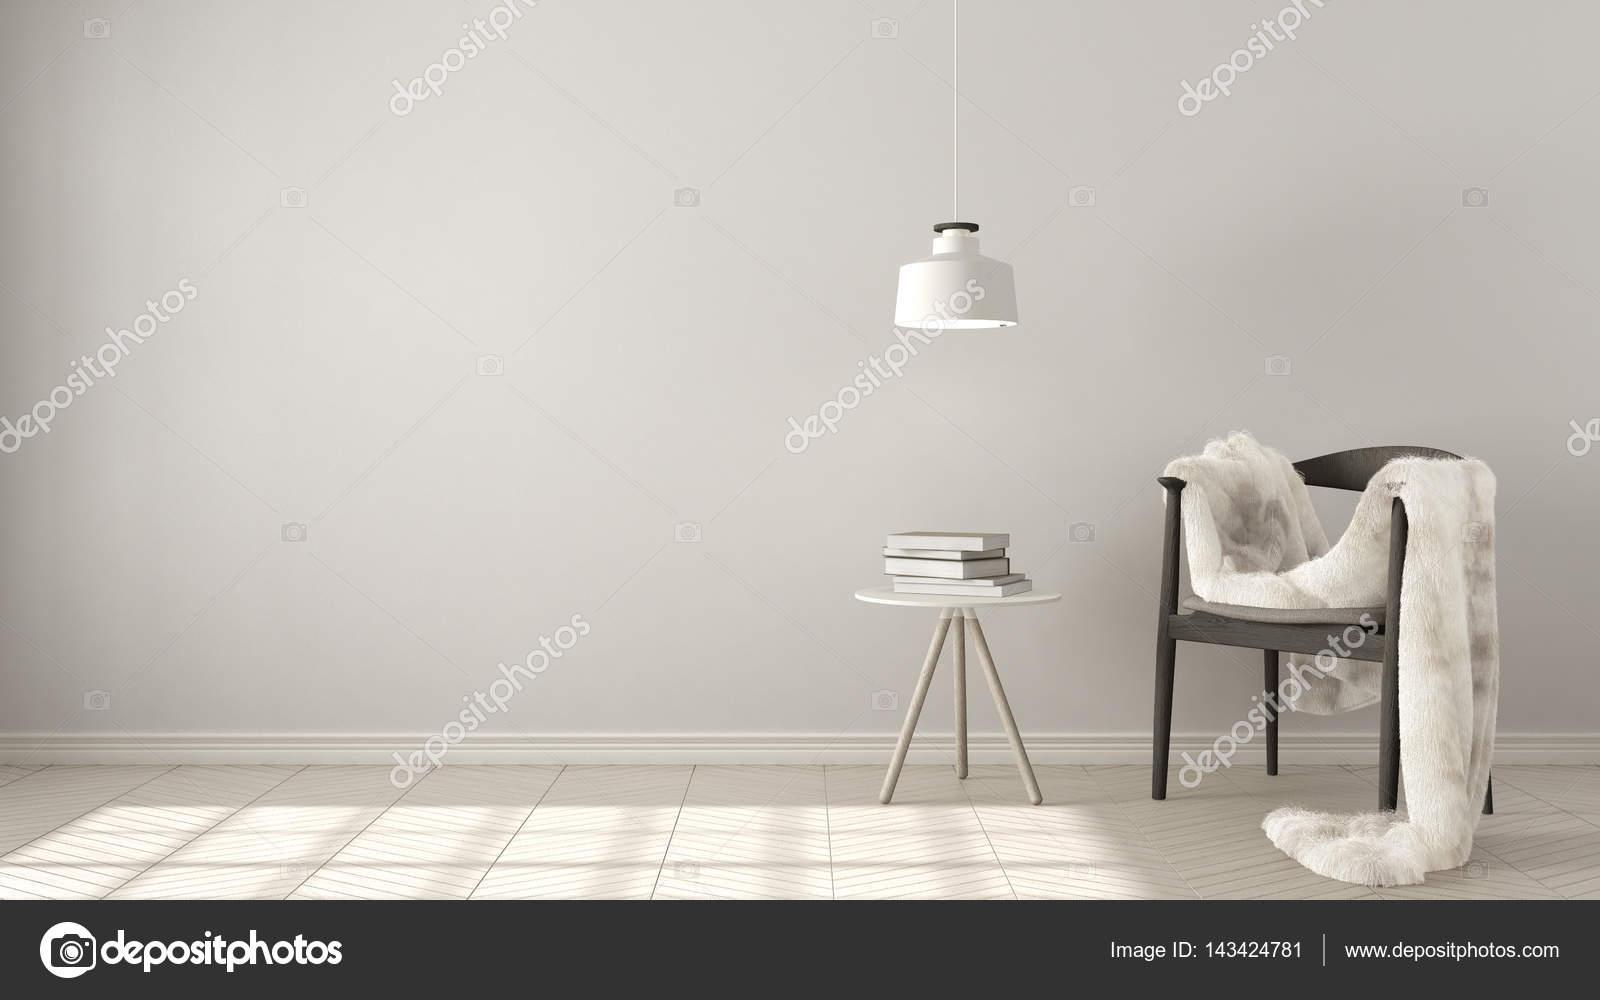 Skandinavische Weißer Hintergrund, Mit Tisch Und Pendelleuchte Lampe Auf Er  U2014 Stockfoto